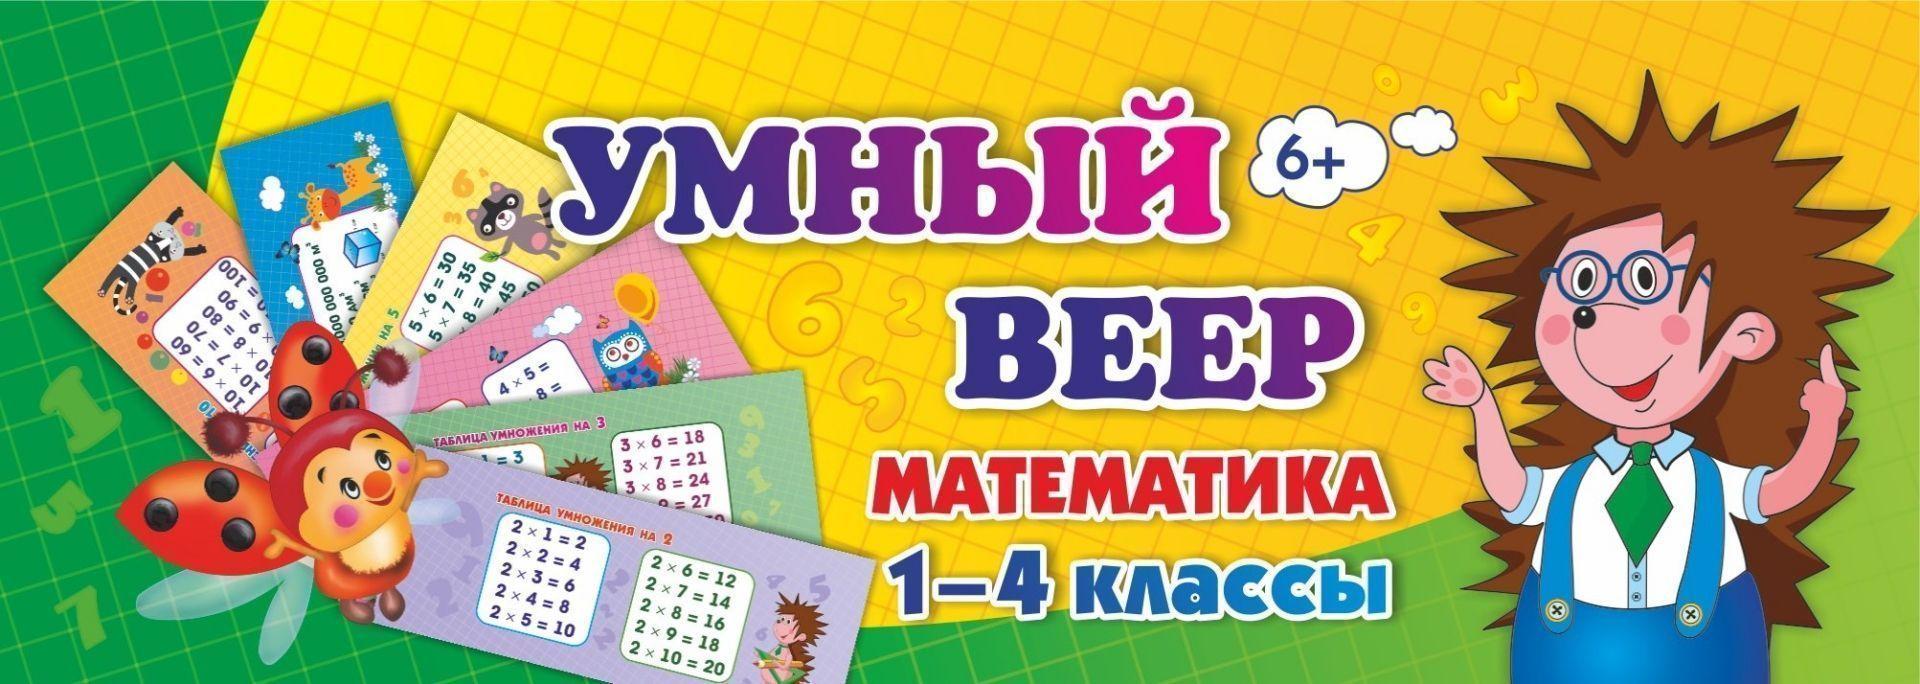 Умный веер. Математика. 1-4 классы: основные термины и понятия + занимательные задания